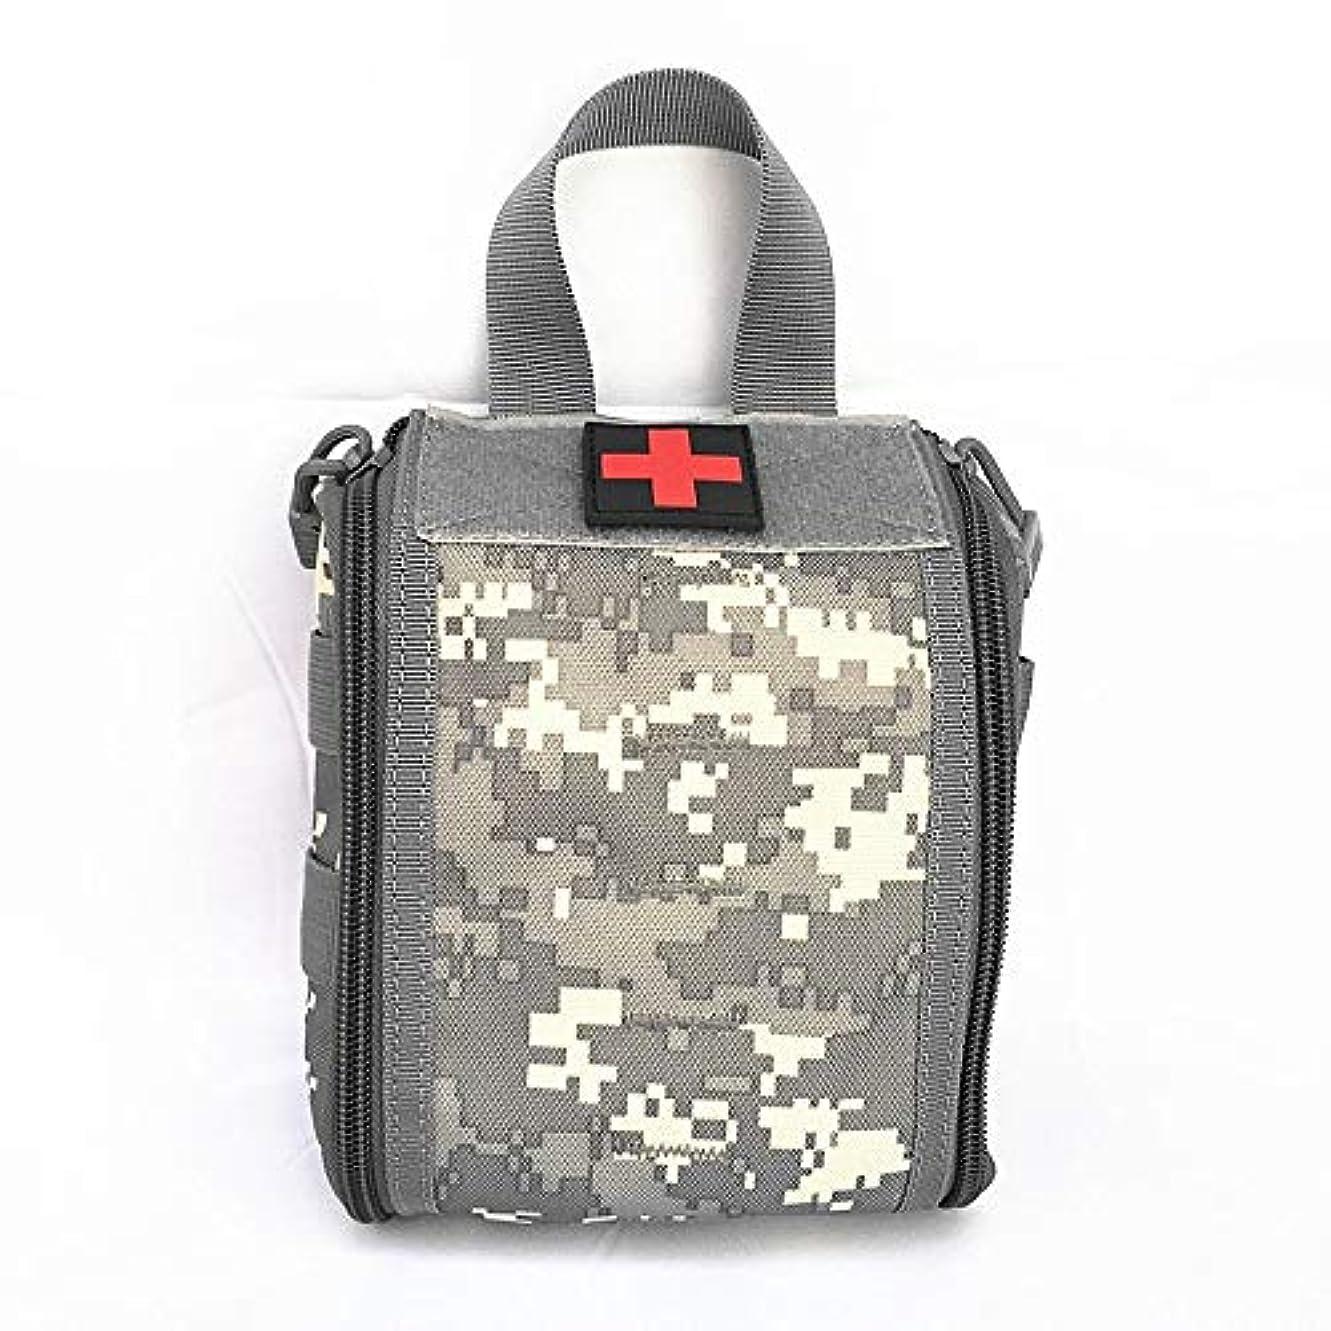 電気的人道的ツーリスト医療パッケージアウトドアスポーツ旅行登山救急箱ケアサバイバル用品緊急キット (Color : E, Size : 19.5*16*7cm/7.7*6.3*2.8in)